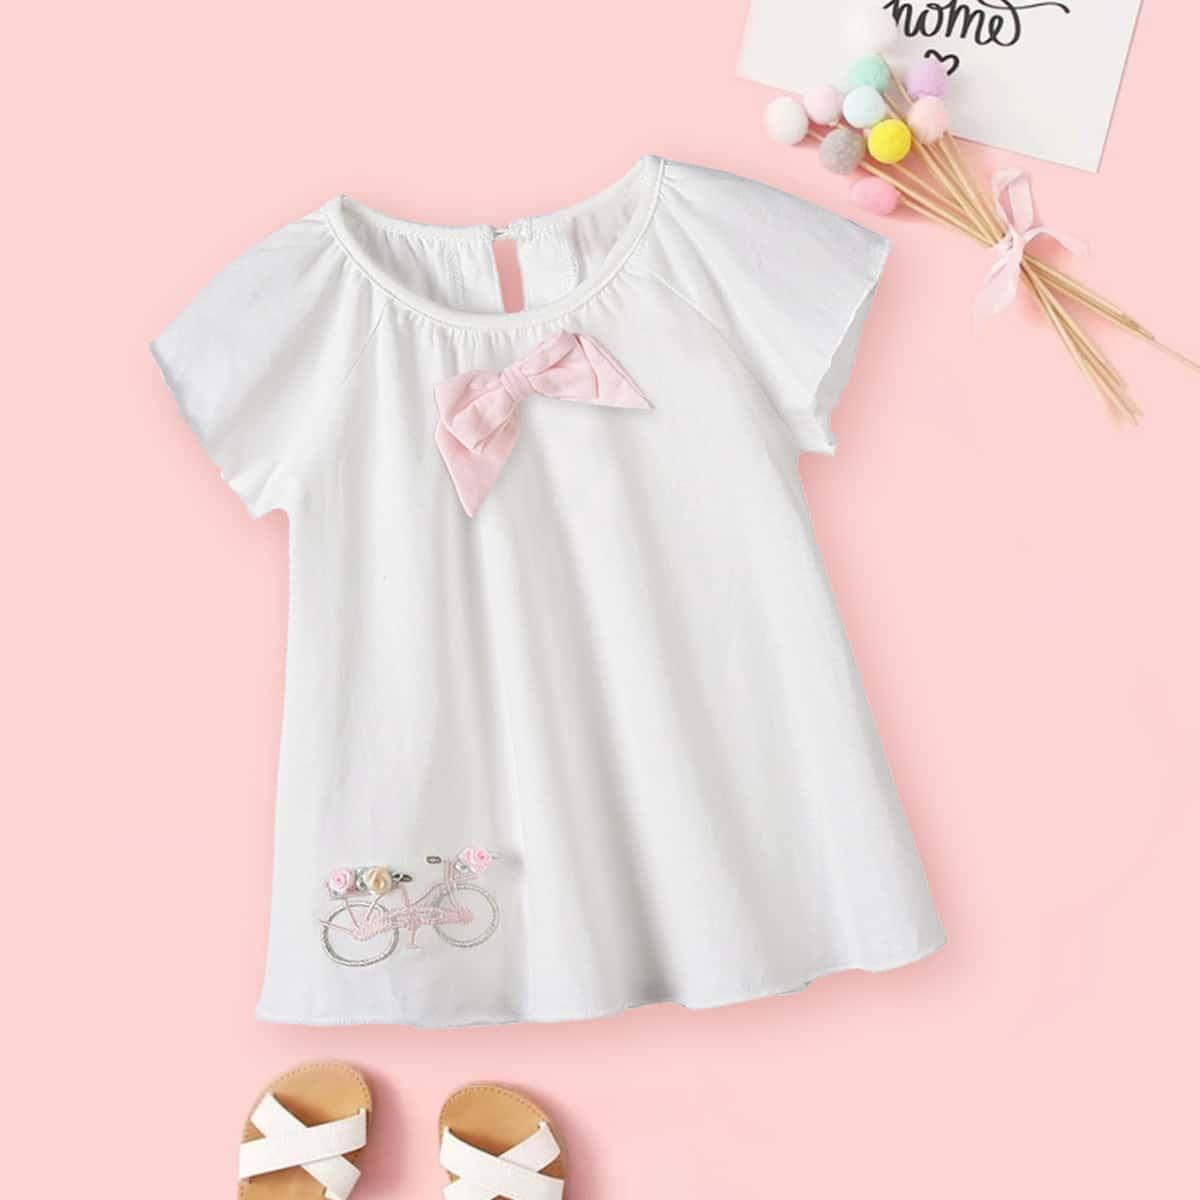 с вышивкой Со цветочками Топы для малышей